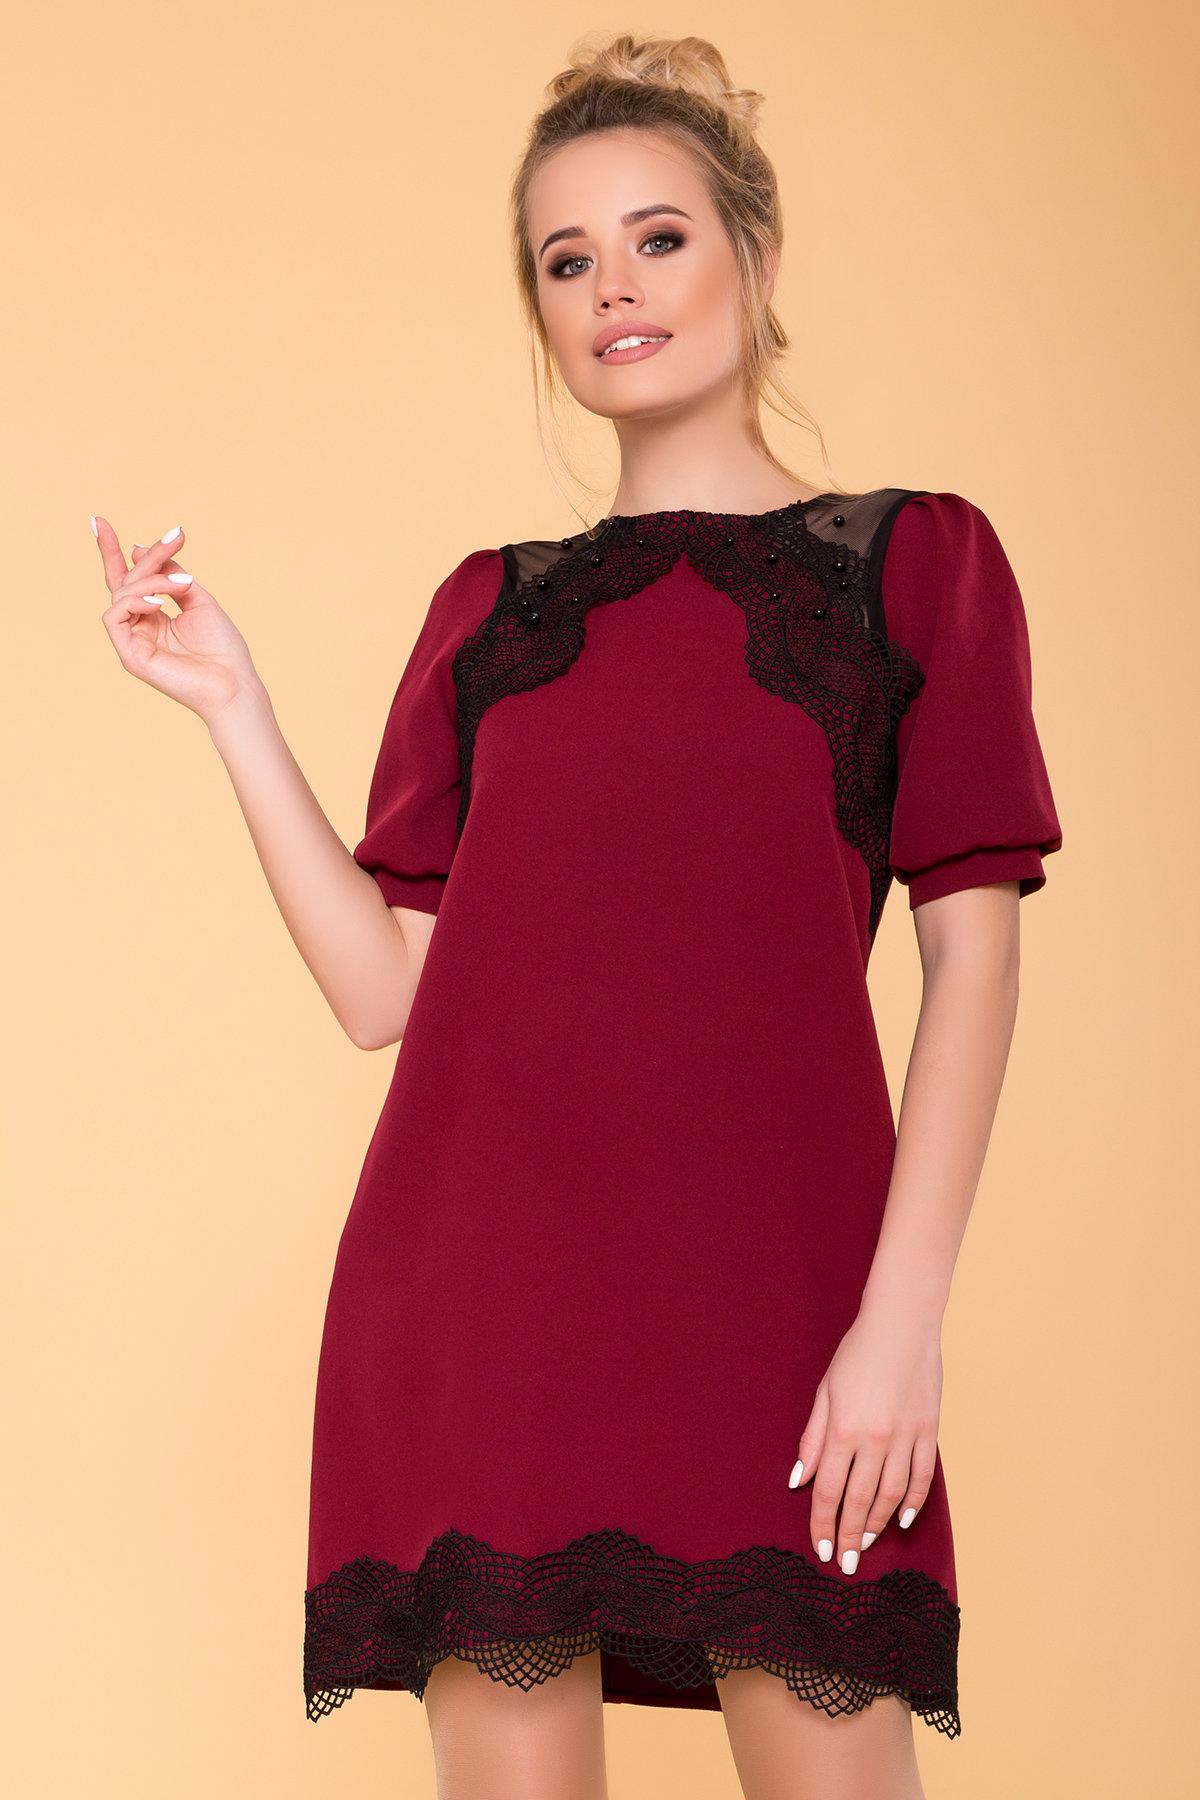 Платье с рукавом фонарик Алексис 6650 АРТ. 41758 Цвет: Марсала - фото 3, интернет магазин tm-modus.ru